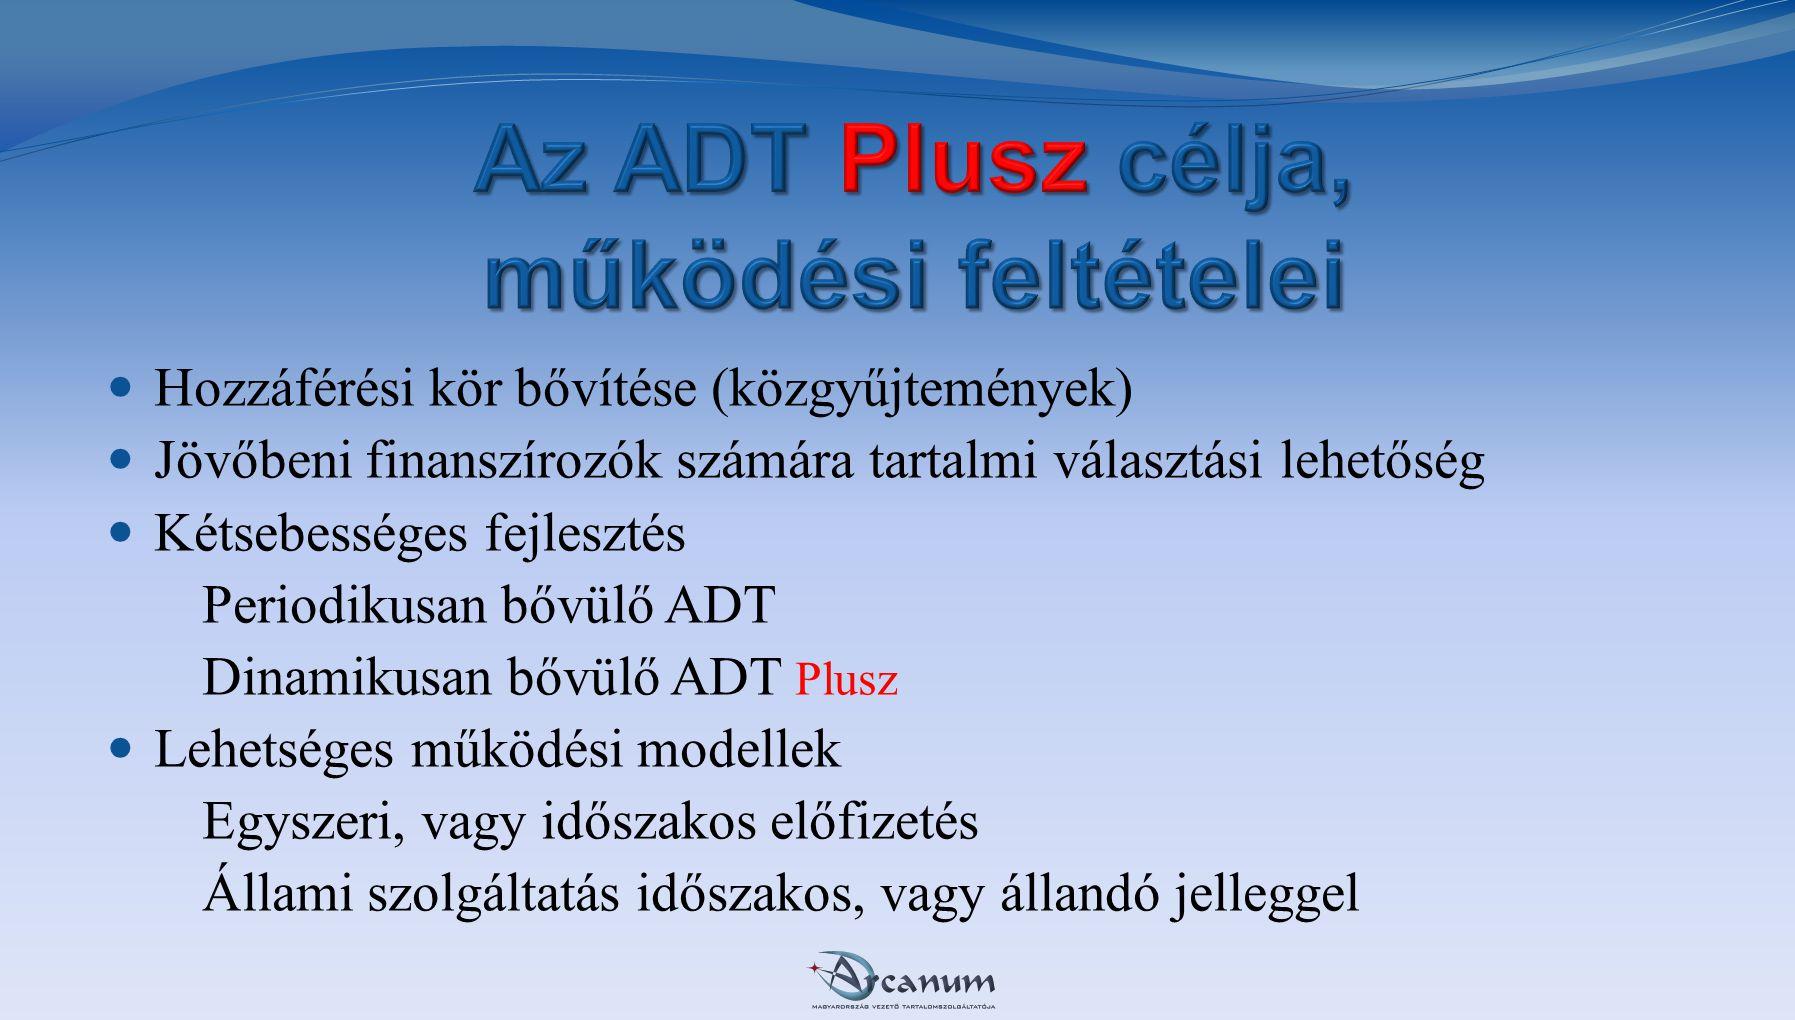 Az ADT Plusz célja, működési feltételei